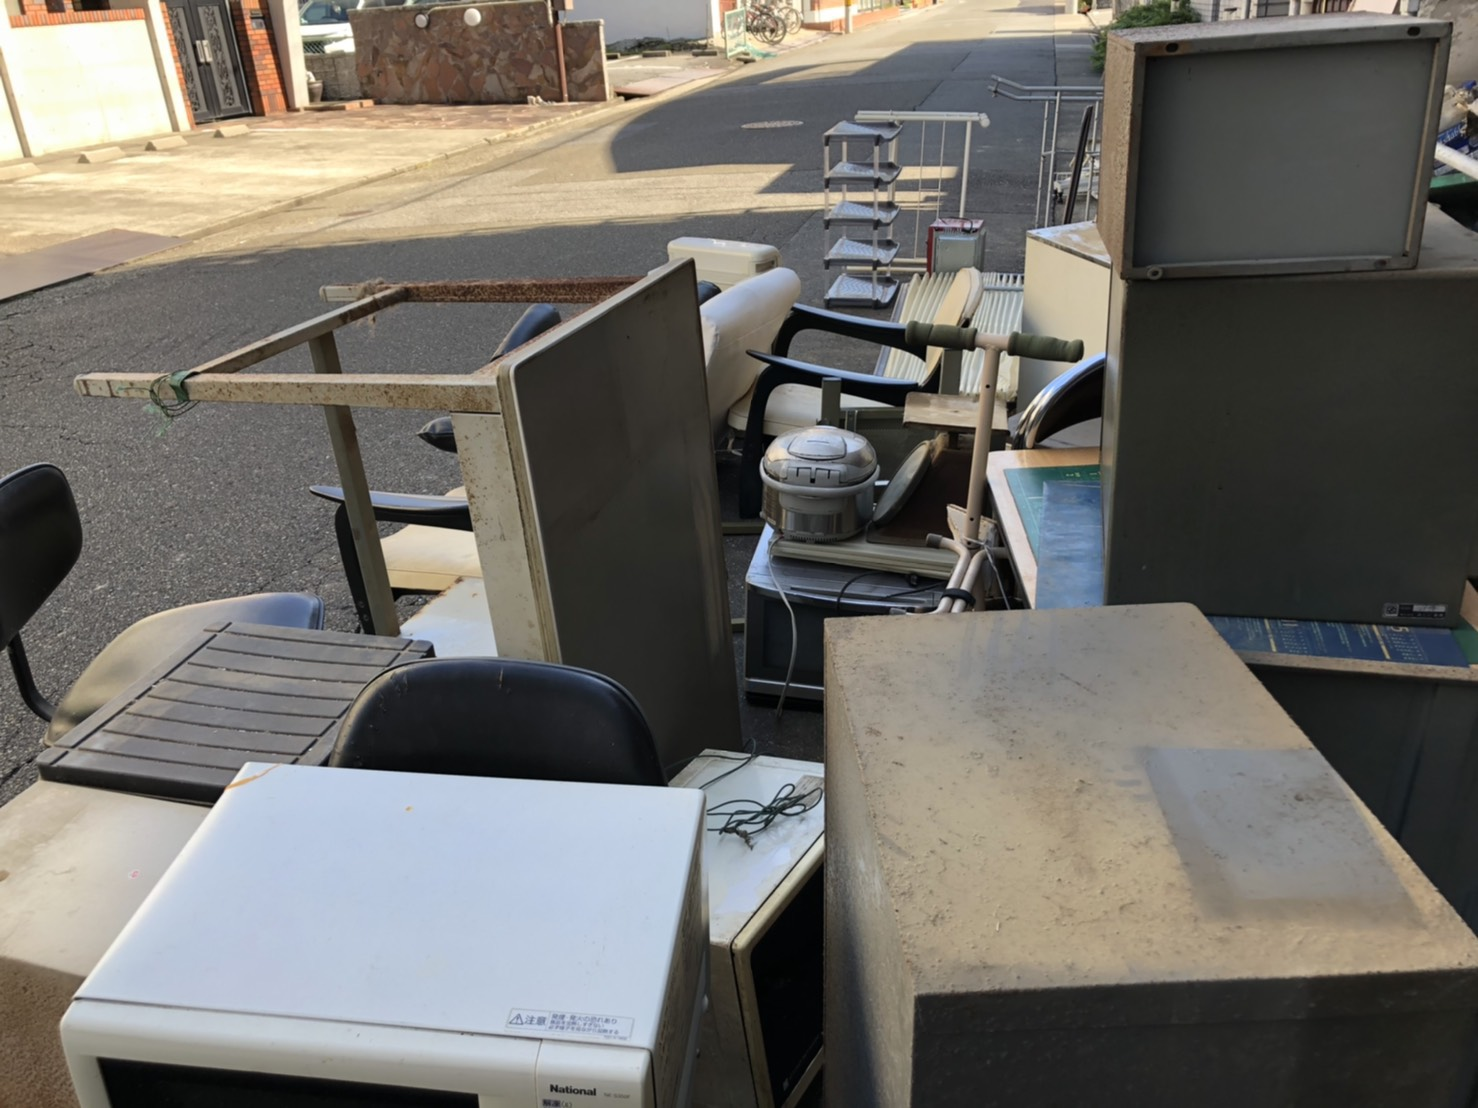 テーブル、レンジ、炊飯器、椅子、キックボードの回収前